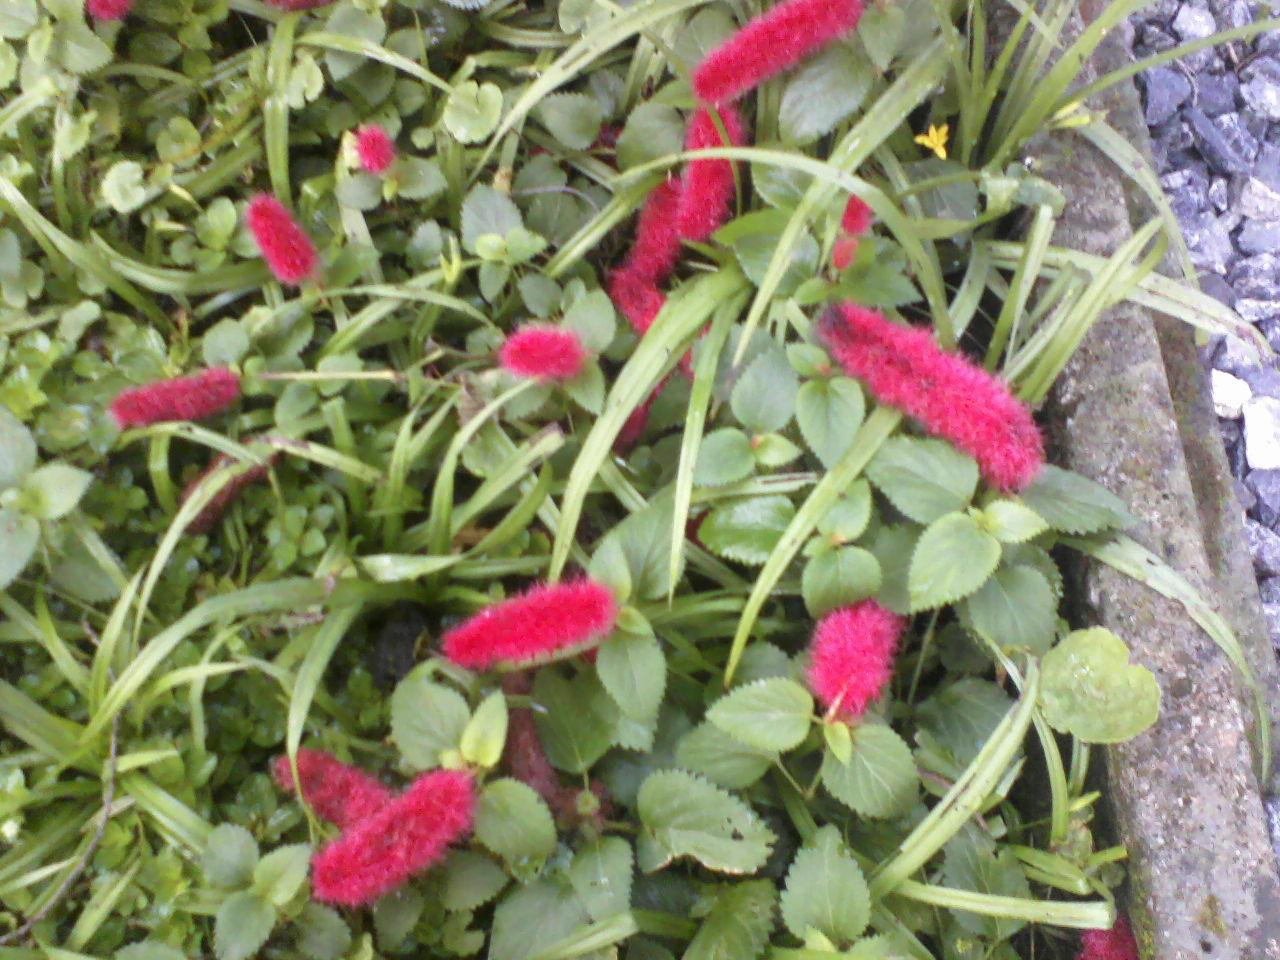 rosas colhidas no jardim do amor: bom e gratificante, oferecer flores colhidas em seu próprio jardim